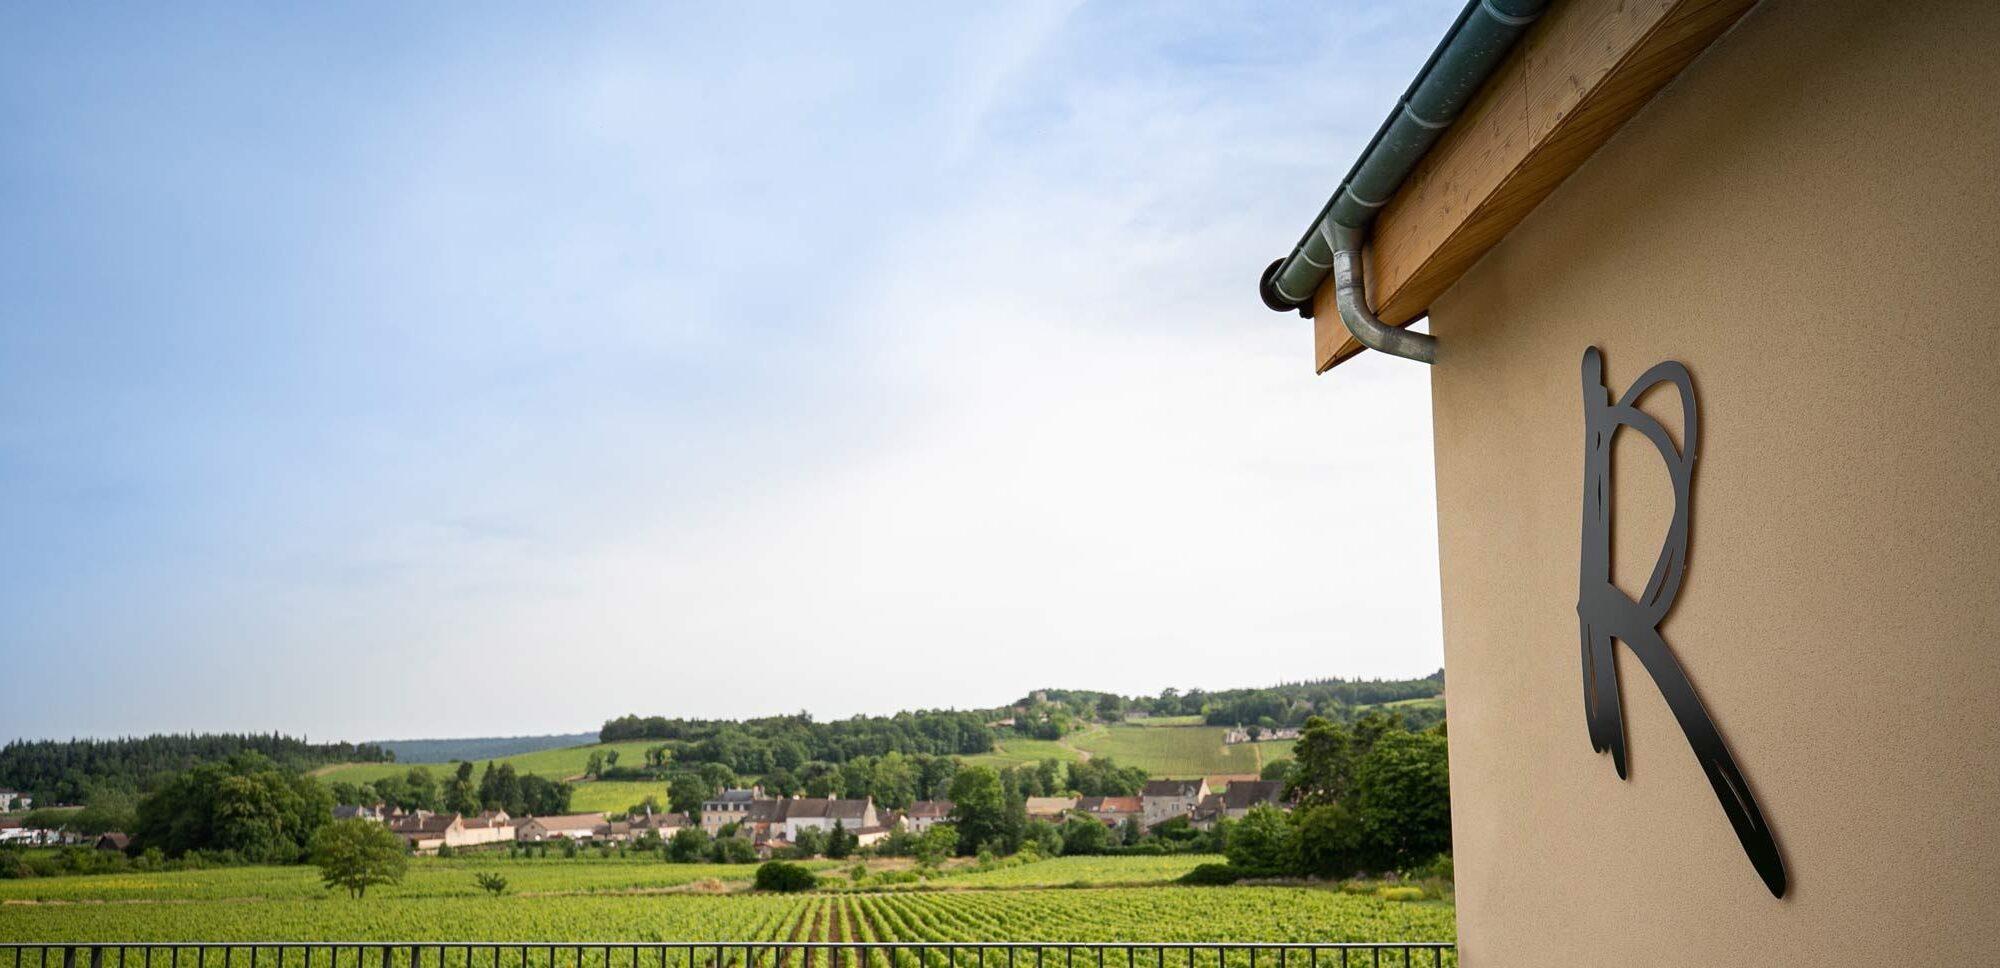 bourgogne-côte-chalonnaise-mercurey-domaine-raquillet-酒莊